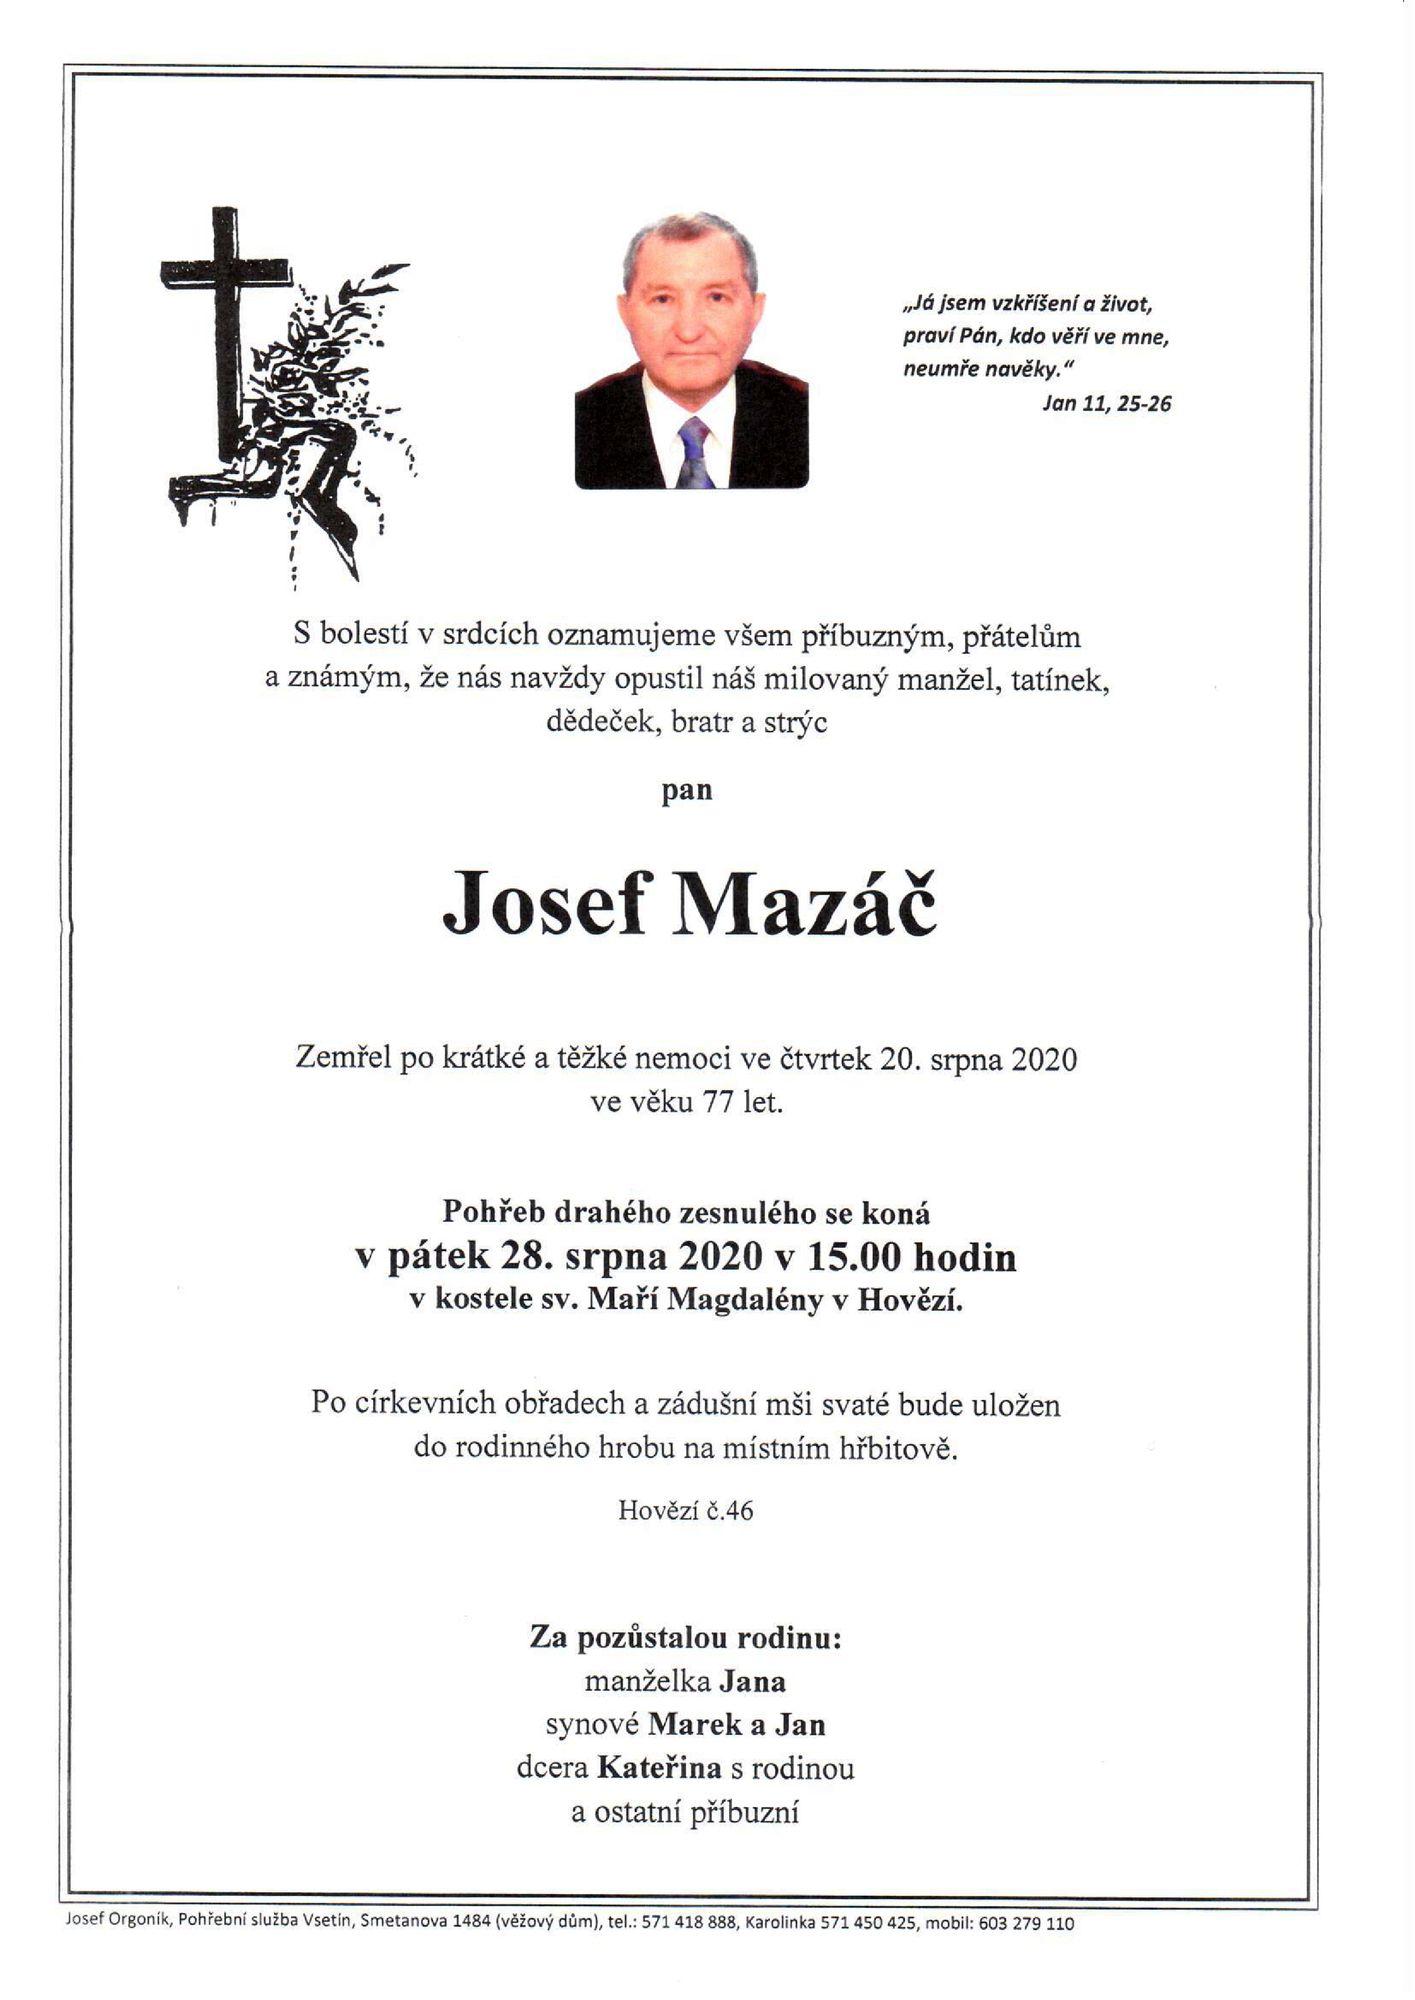 Josef Mazáč